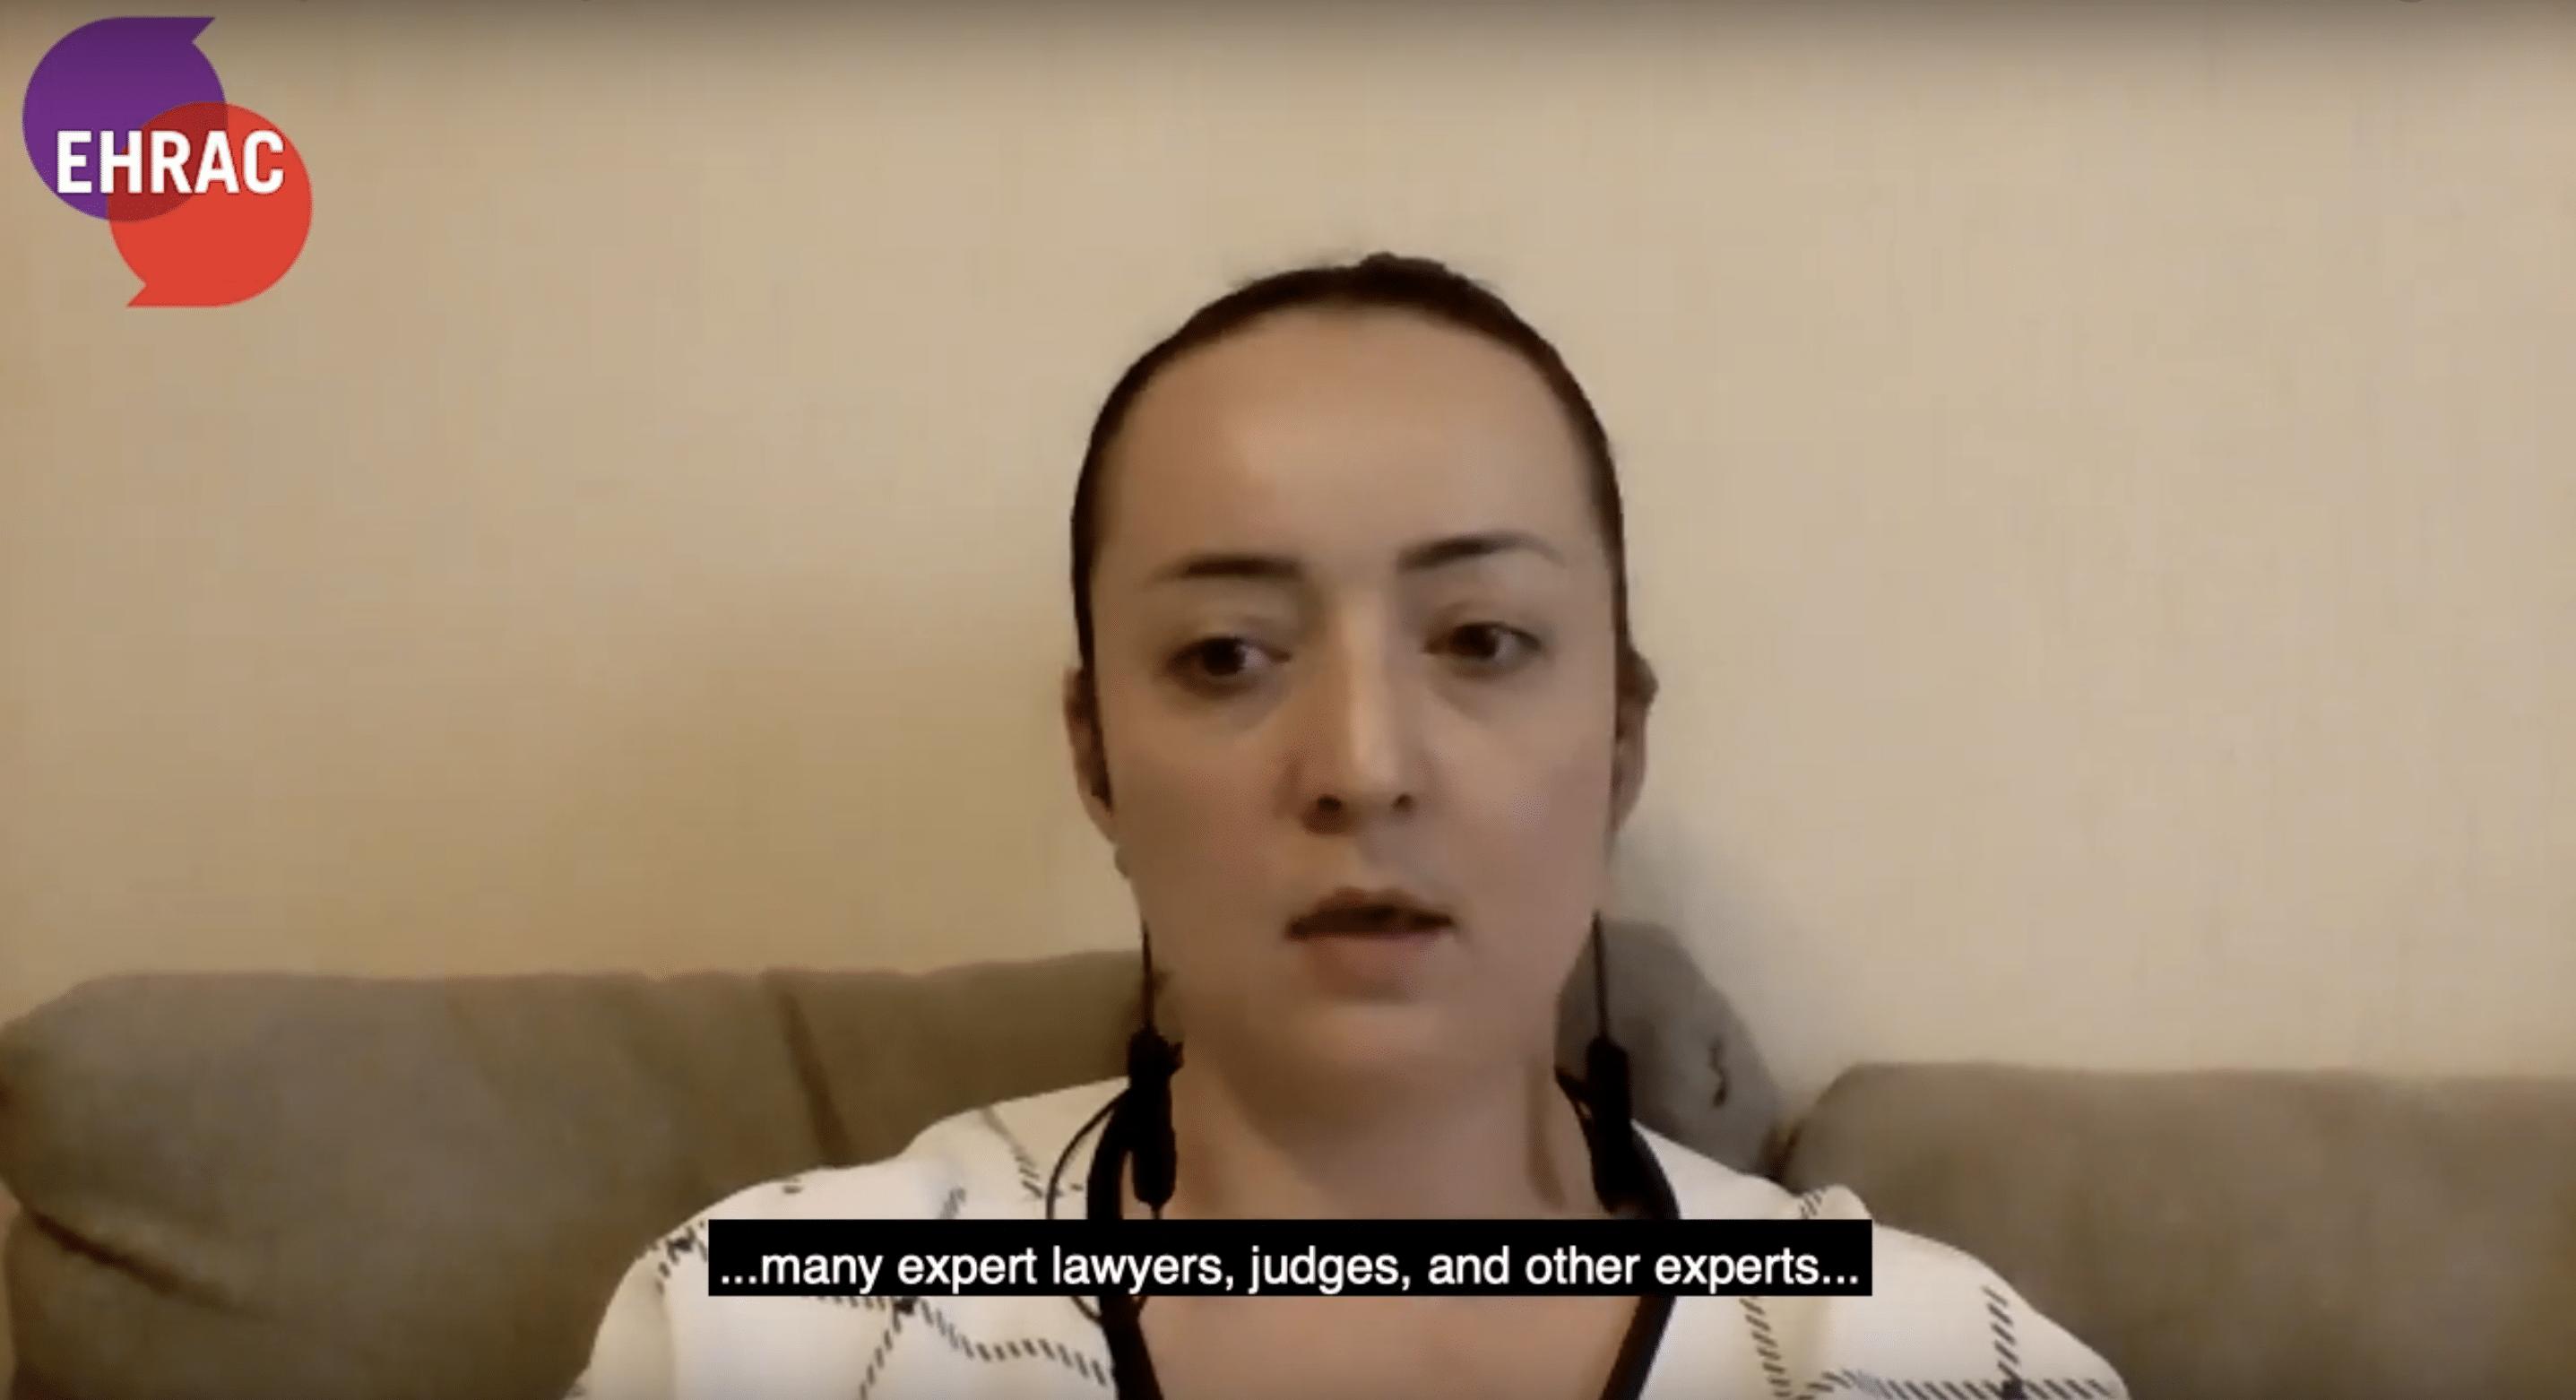 Profile of a Human Rights Defender: Mari Davtyan